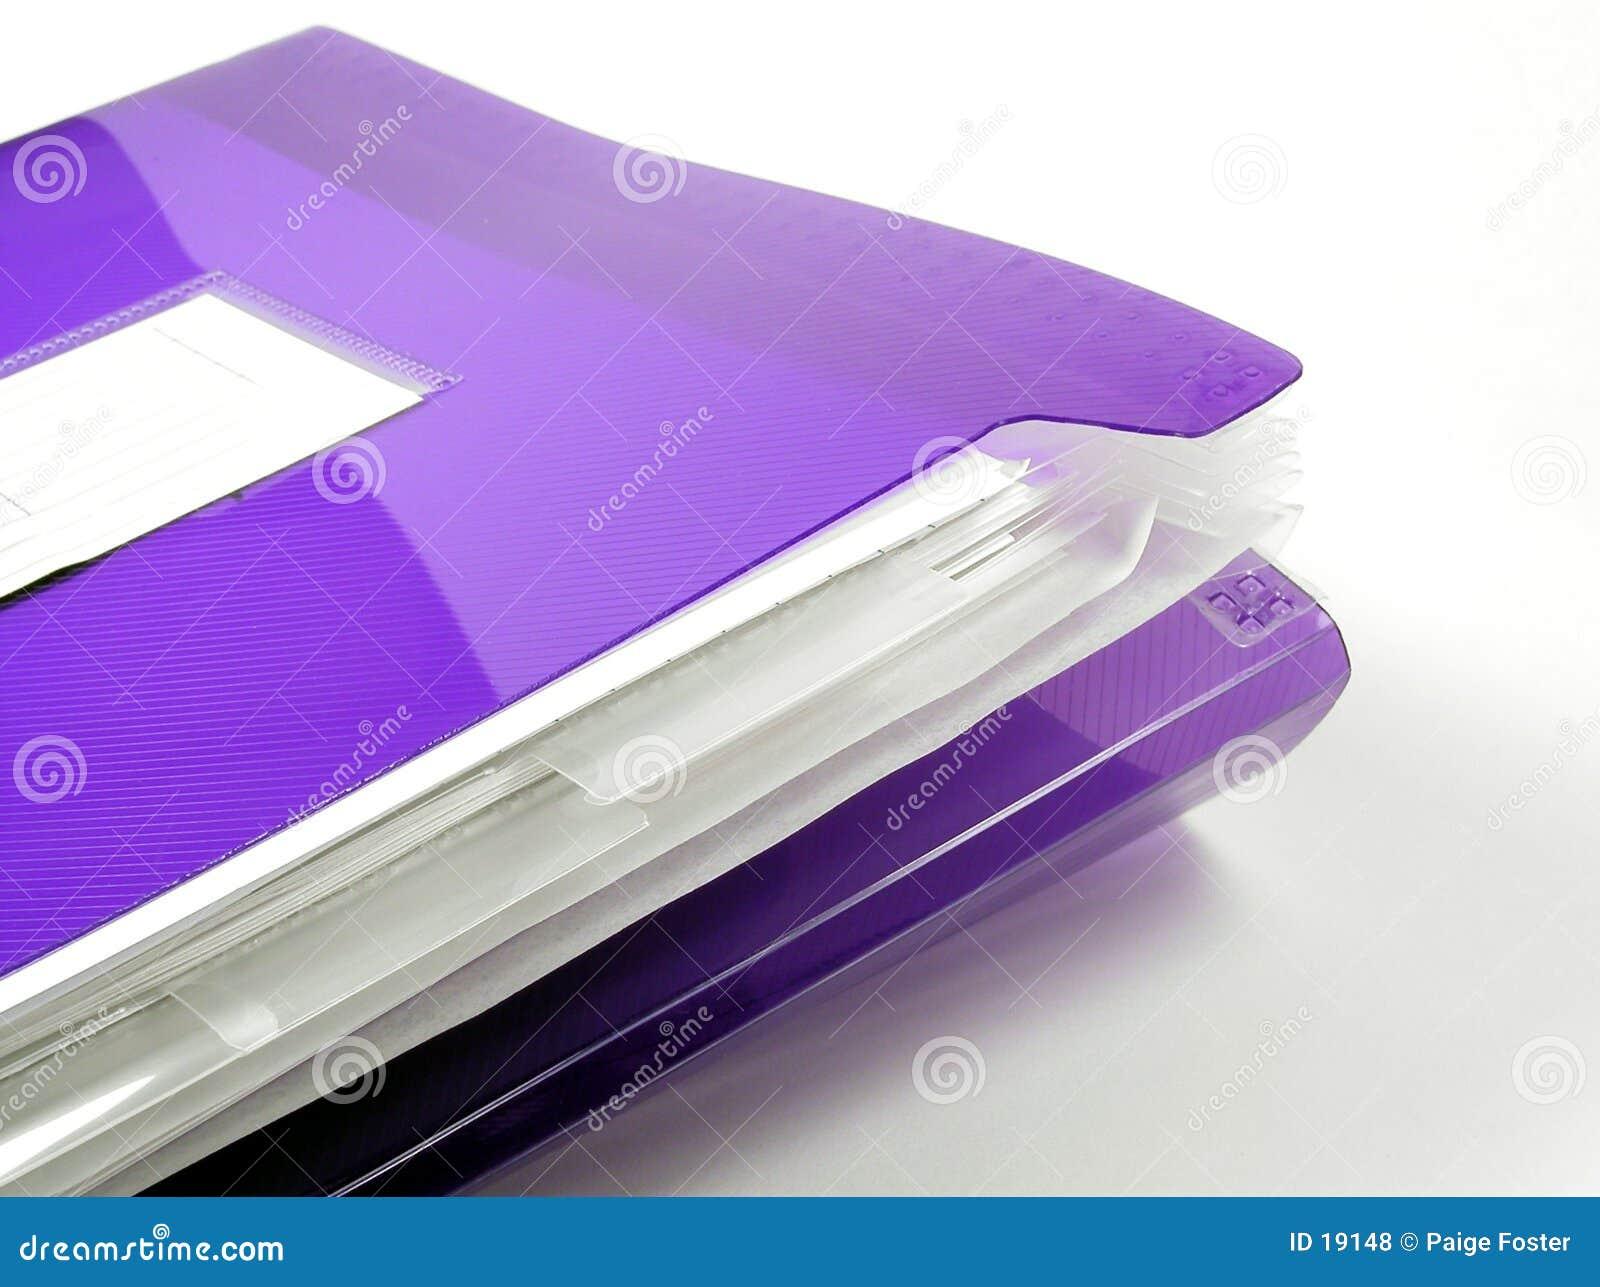 Purple Plastic Folder